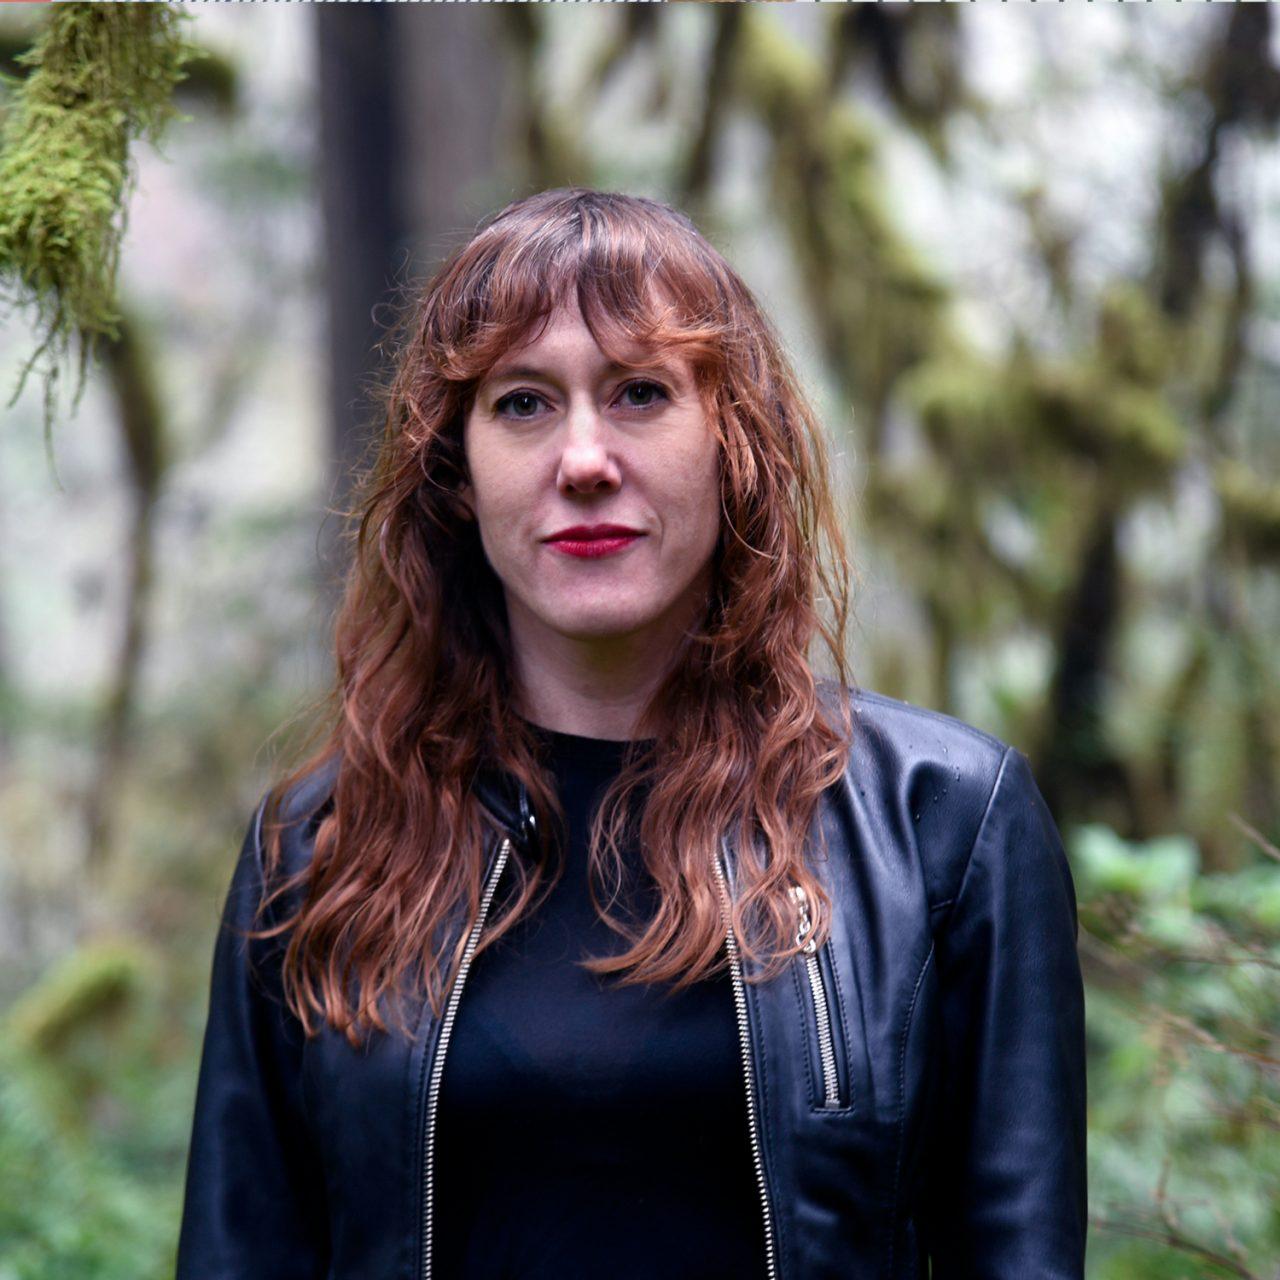 Portrait of Say When artist Jessica Segall